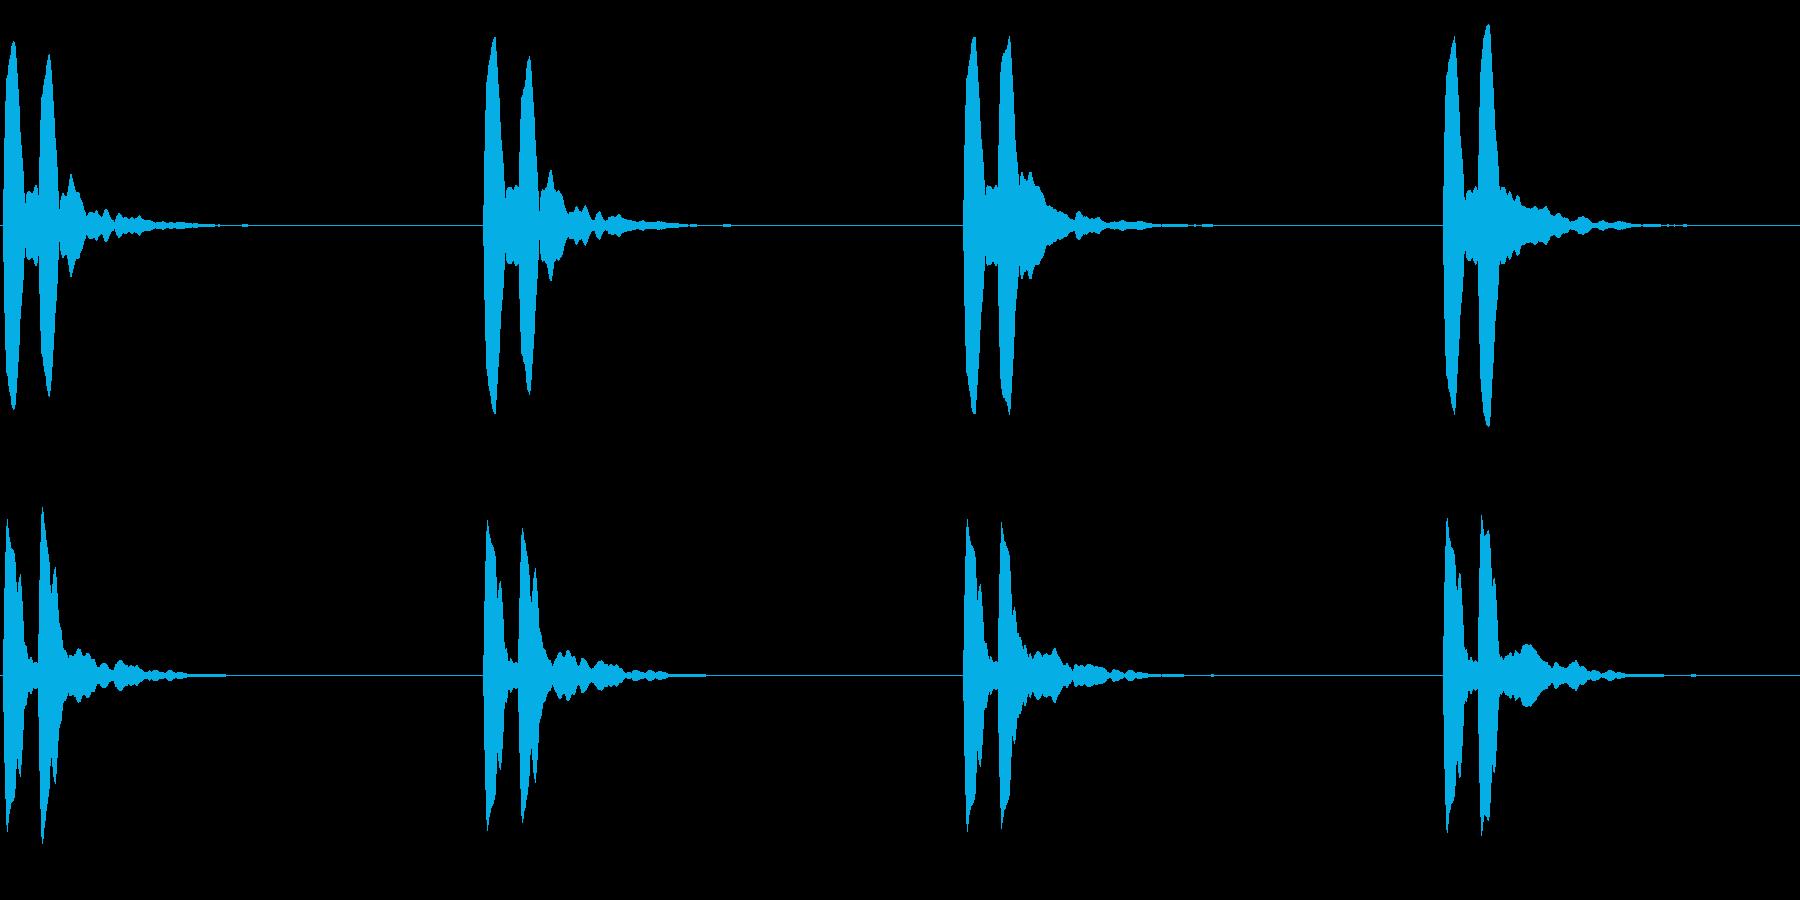 横断歩道 誘導音03-4(ループ) の再生済みの波形